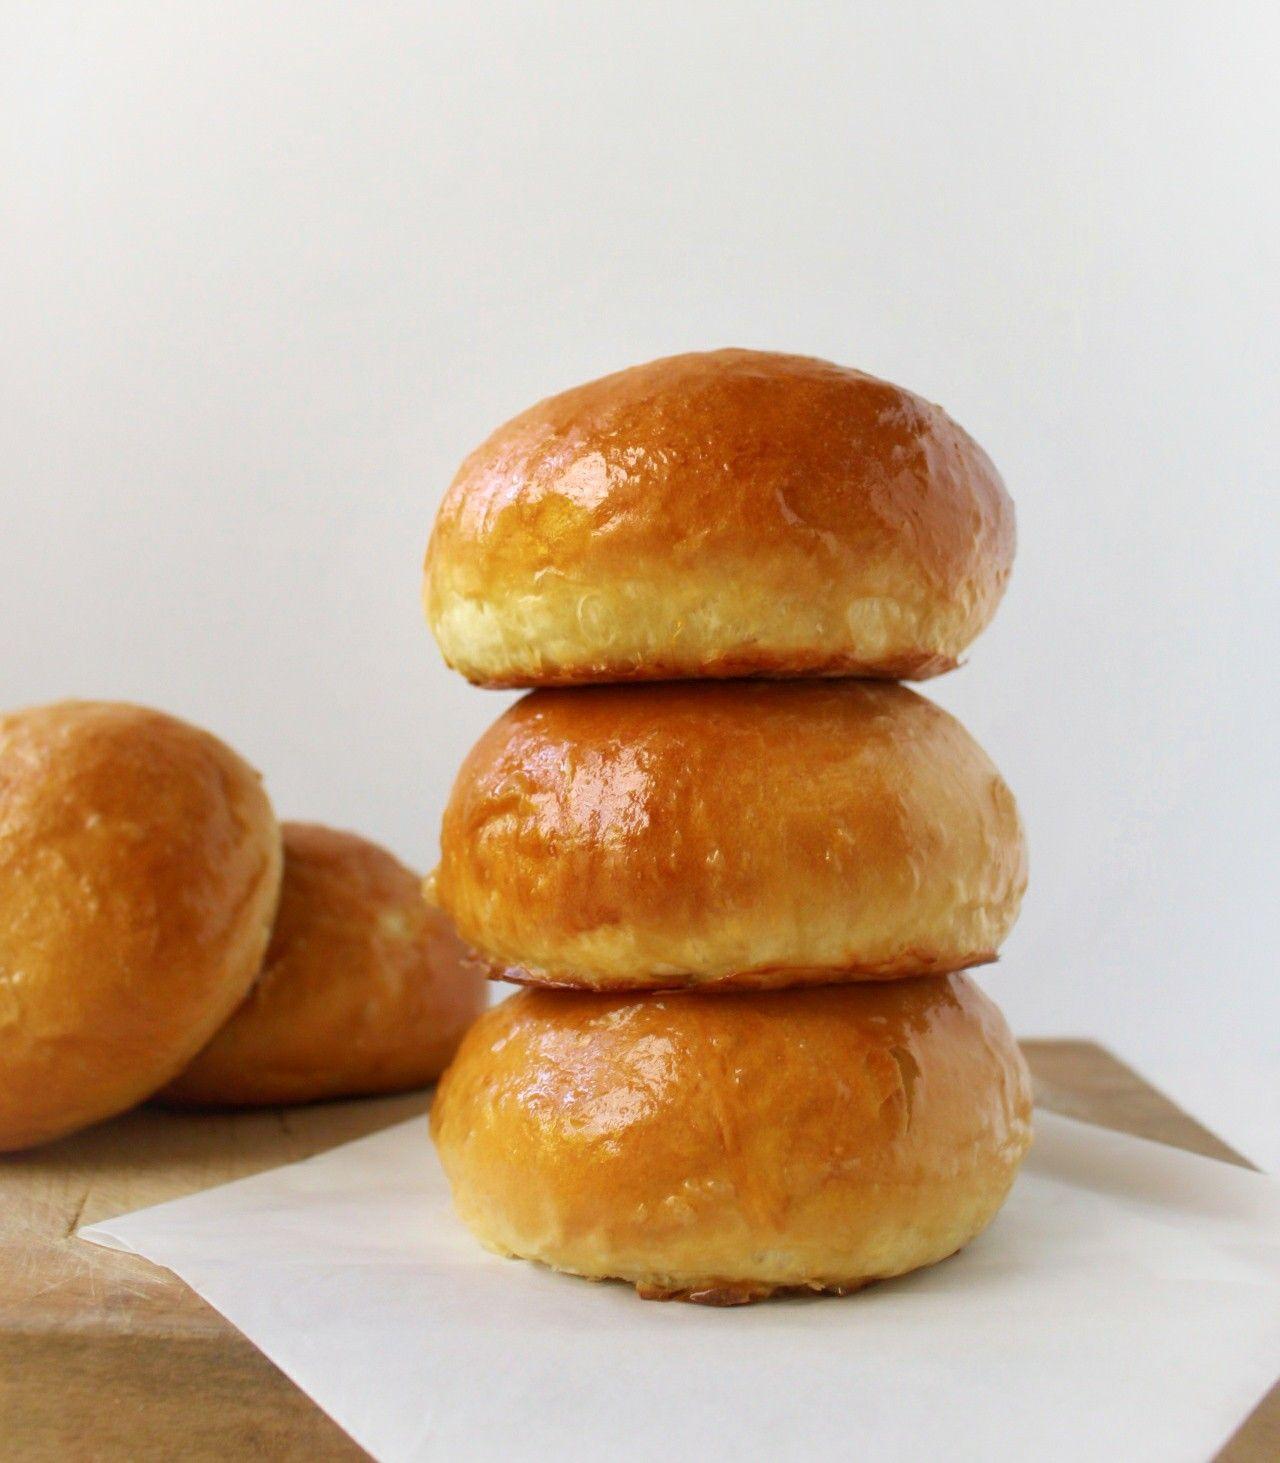 Joshua Weissman Burger Buns